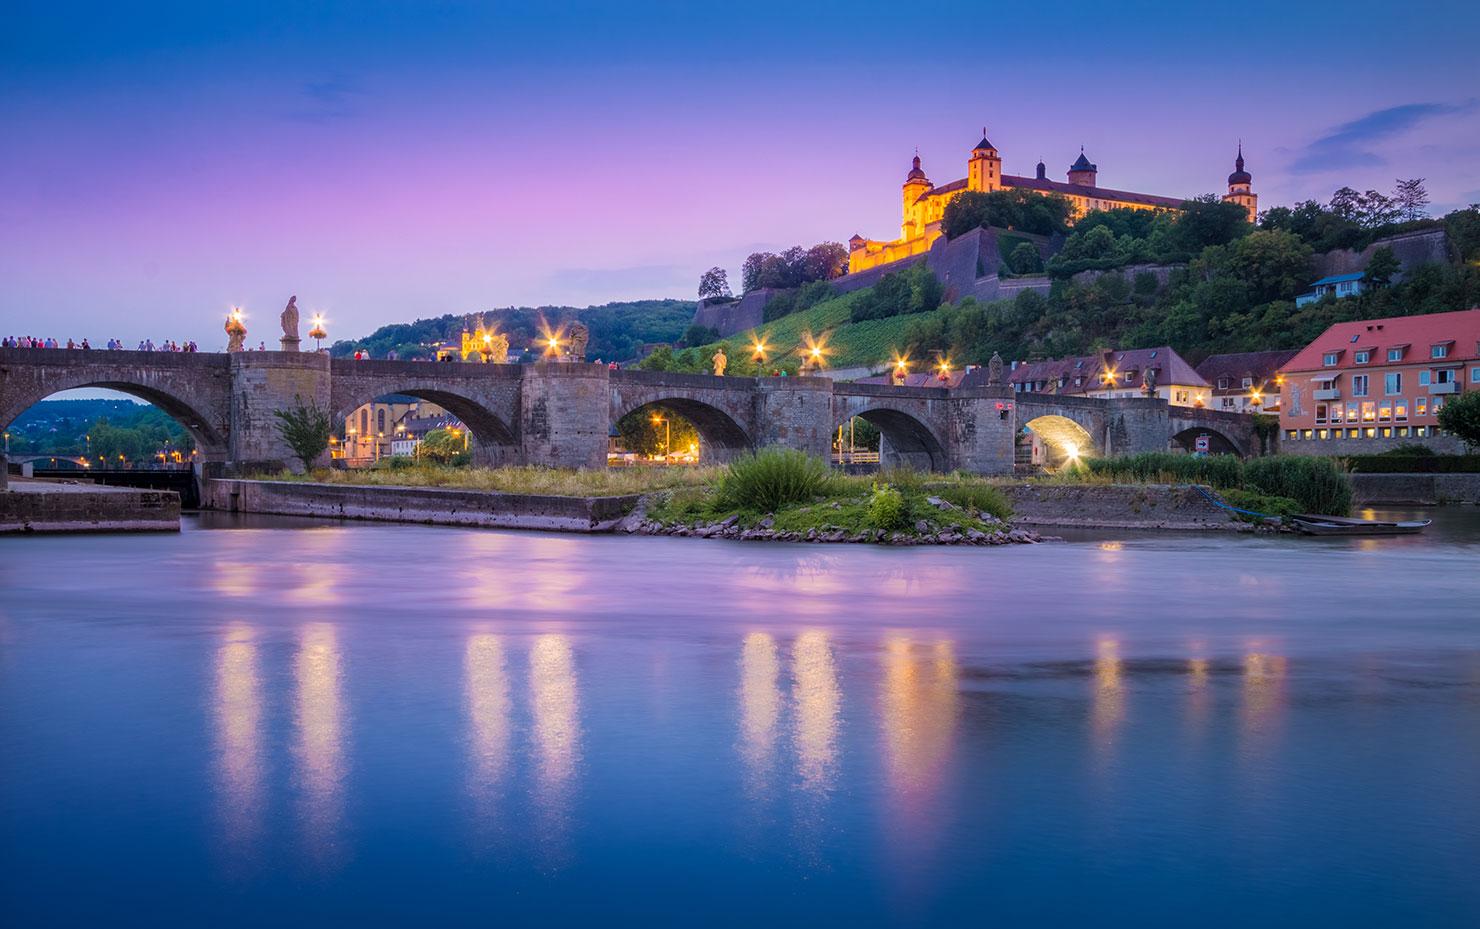 Würzburg Alte Mainbrücke Festung Marienberg Sommer blaue Stunde